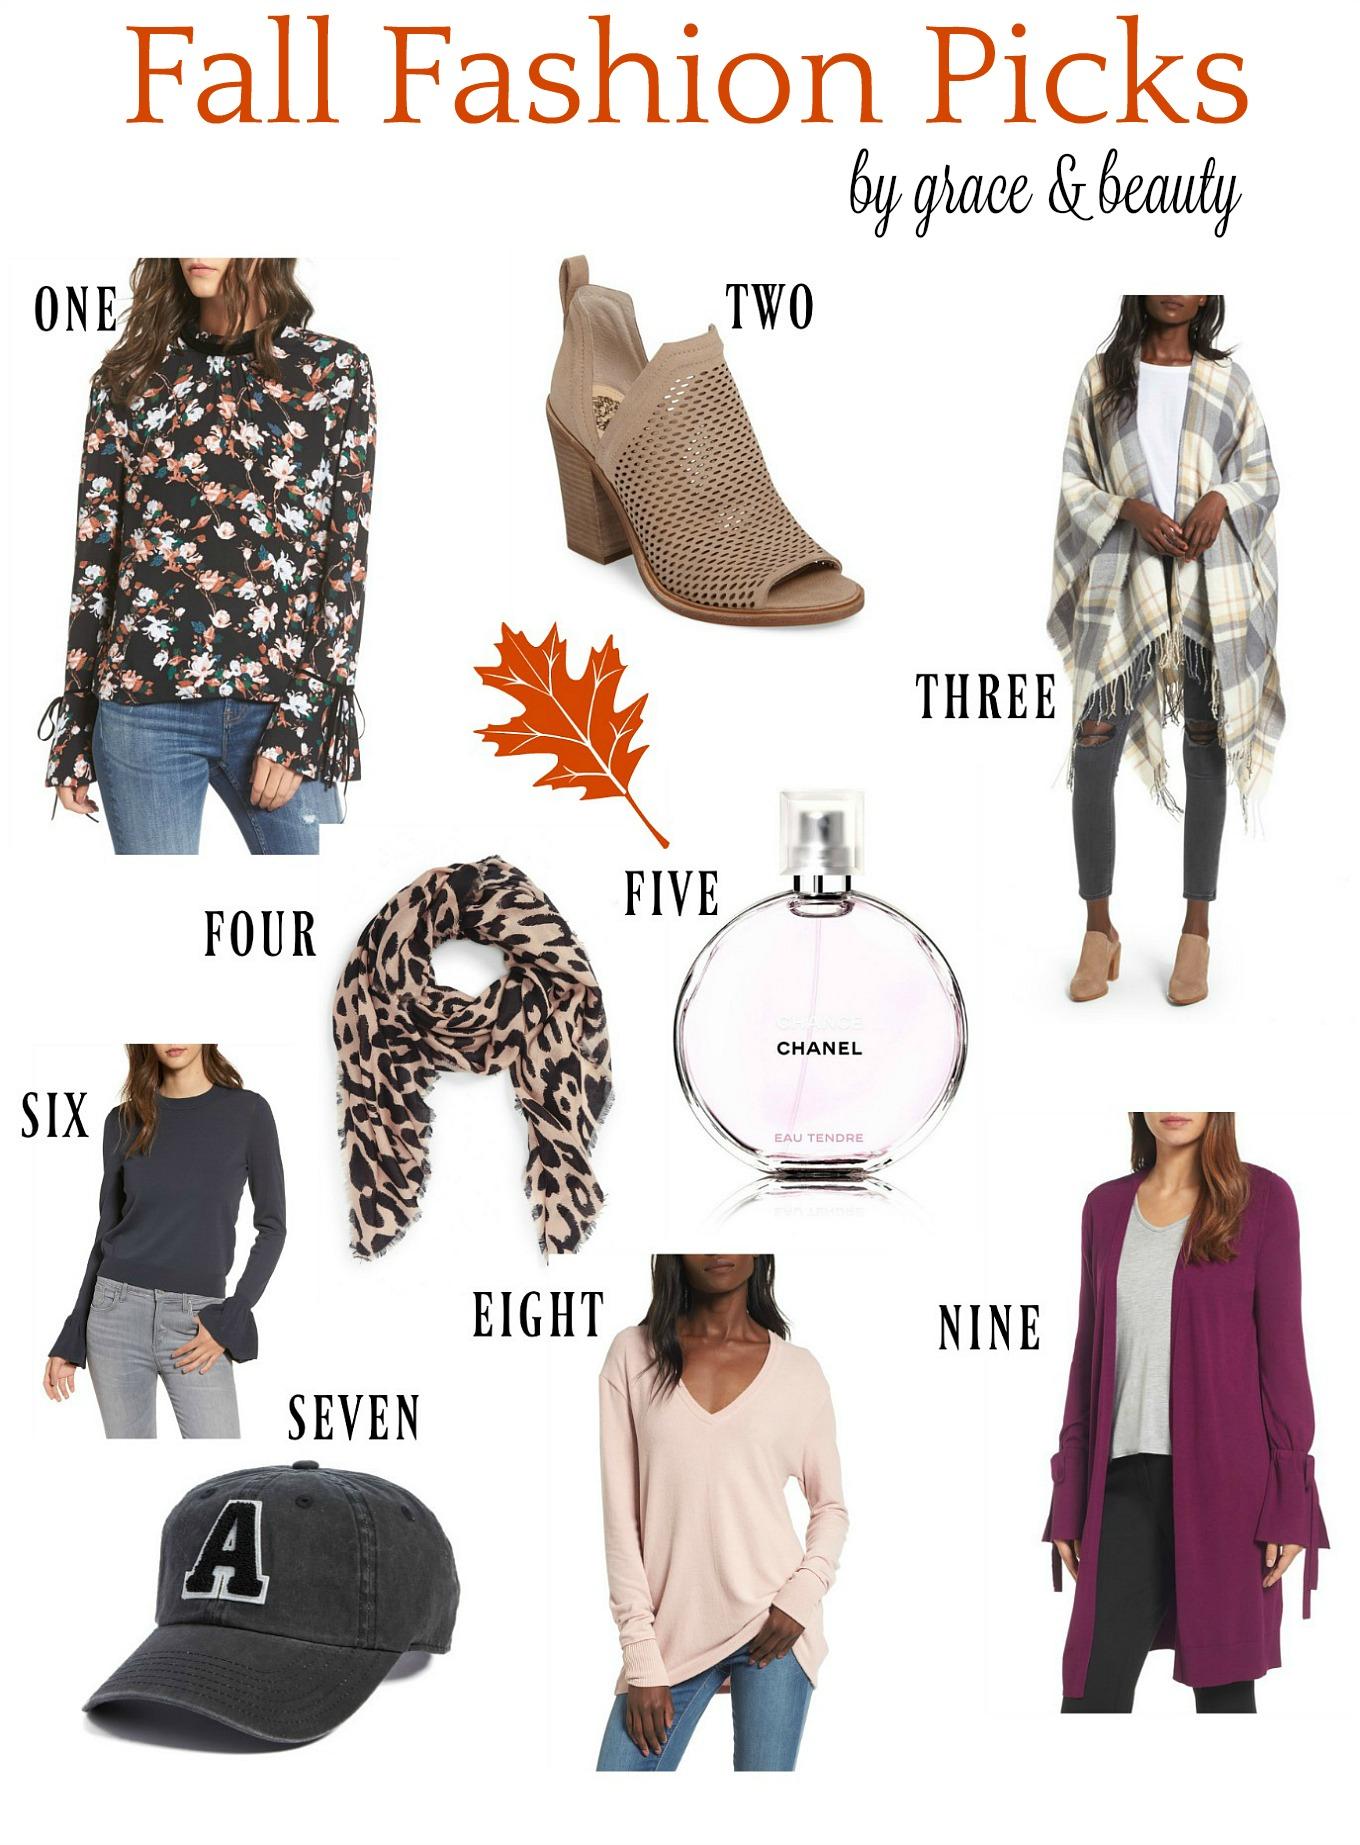 Fall Fashion Picks//Grace & Beauty